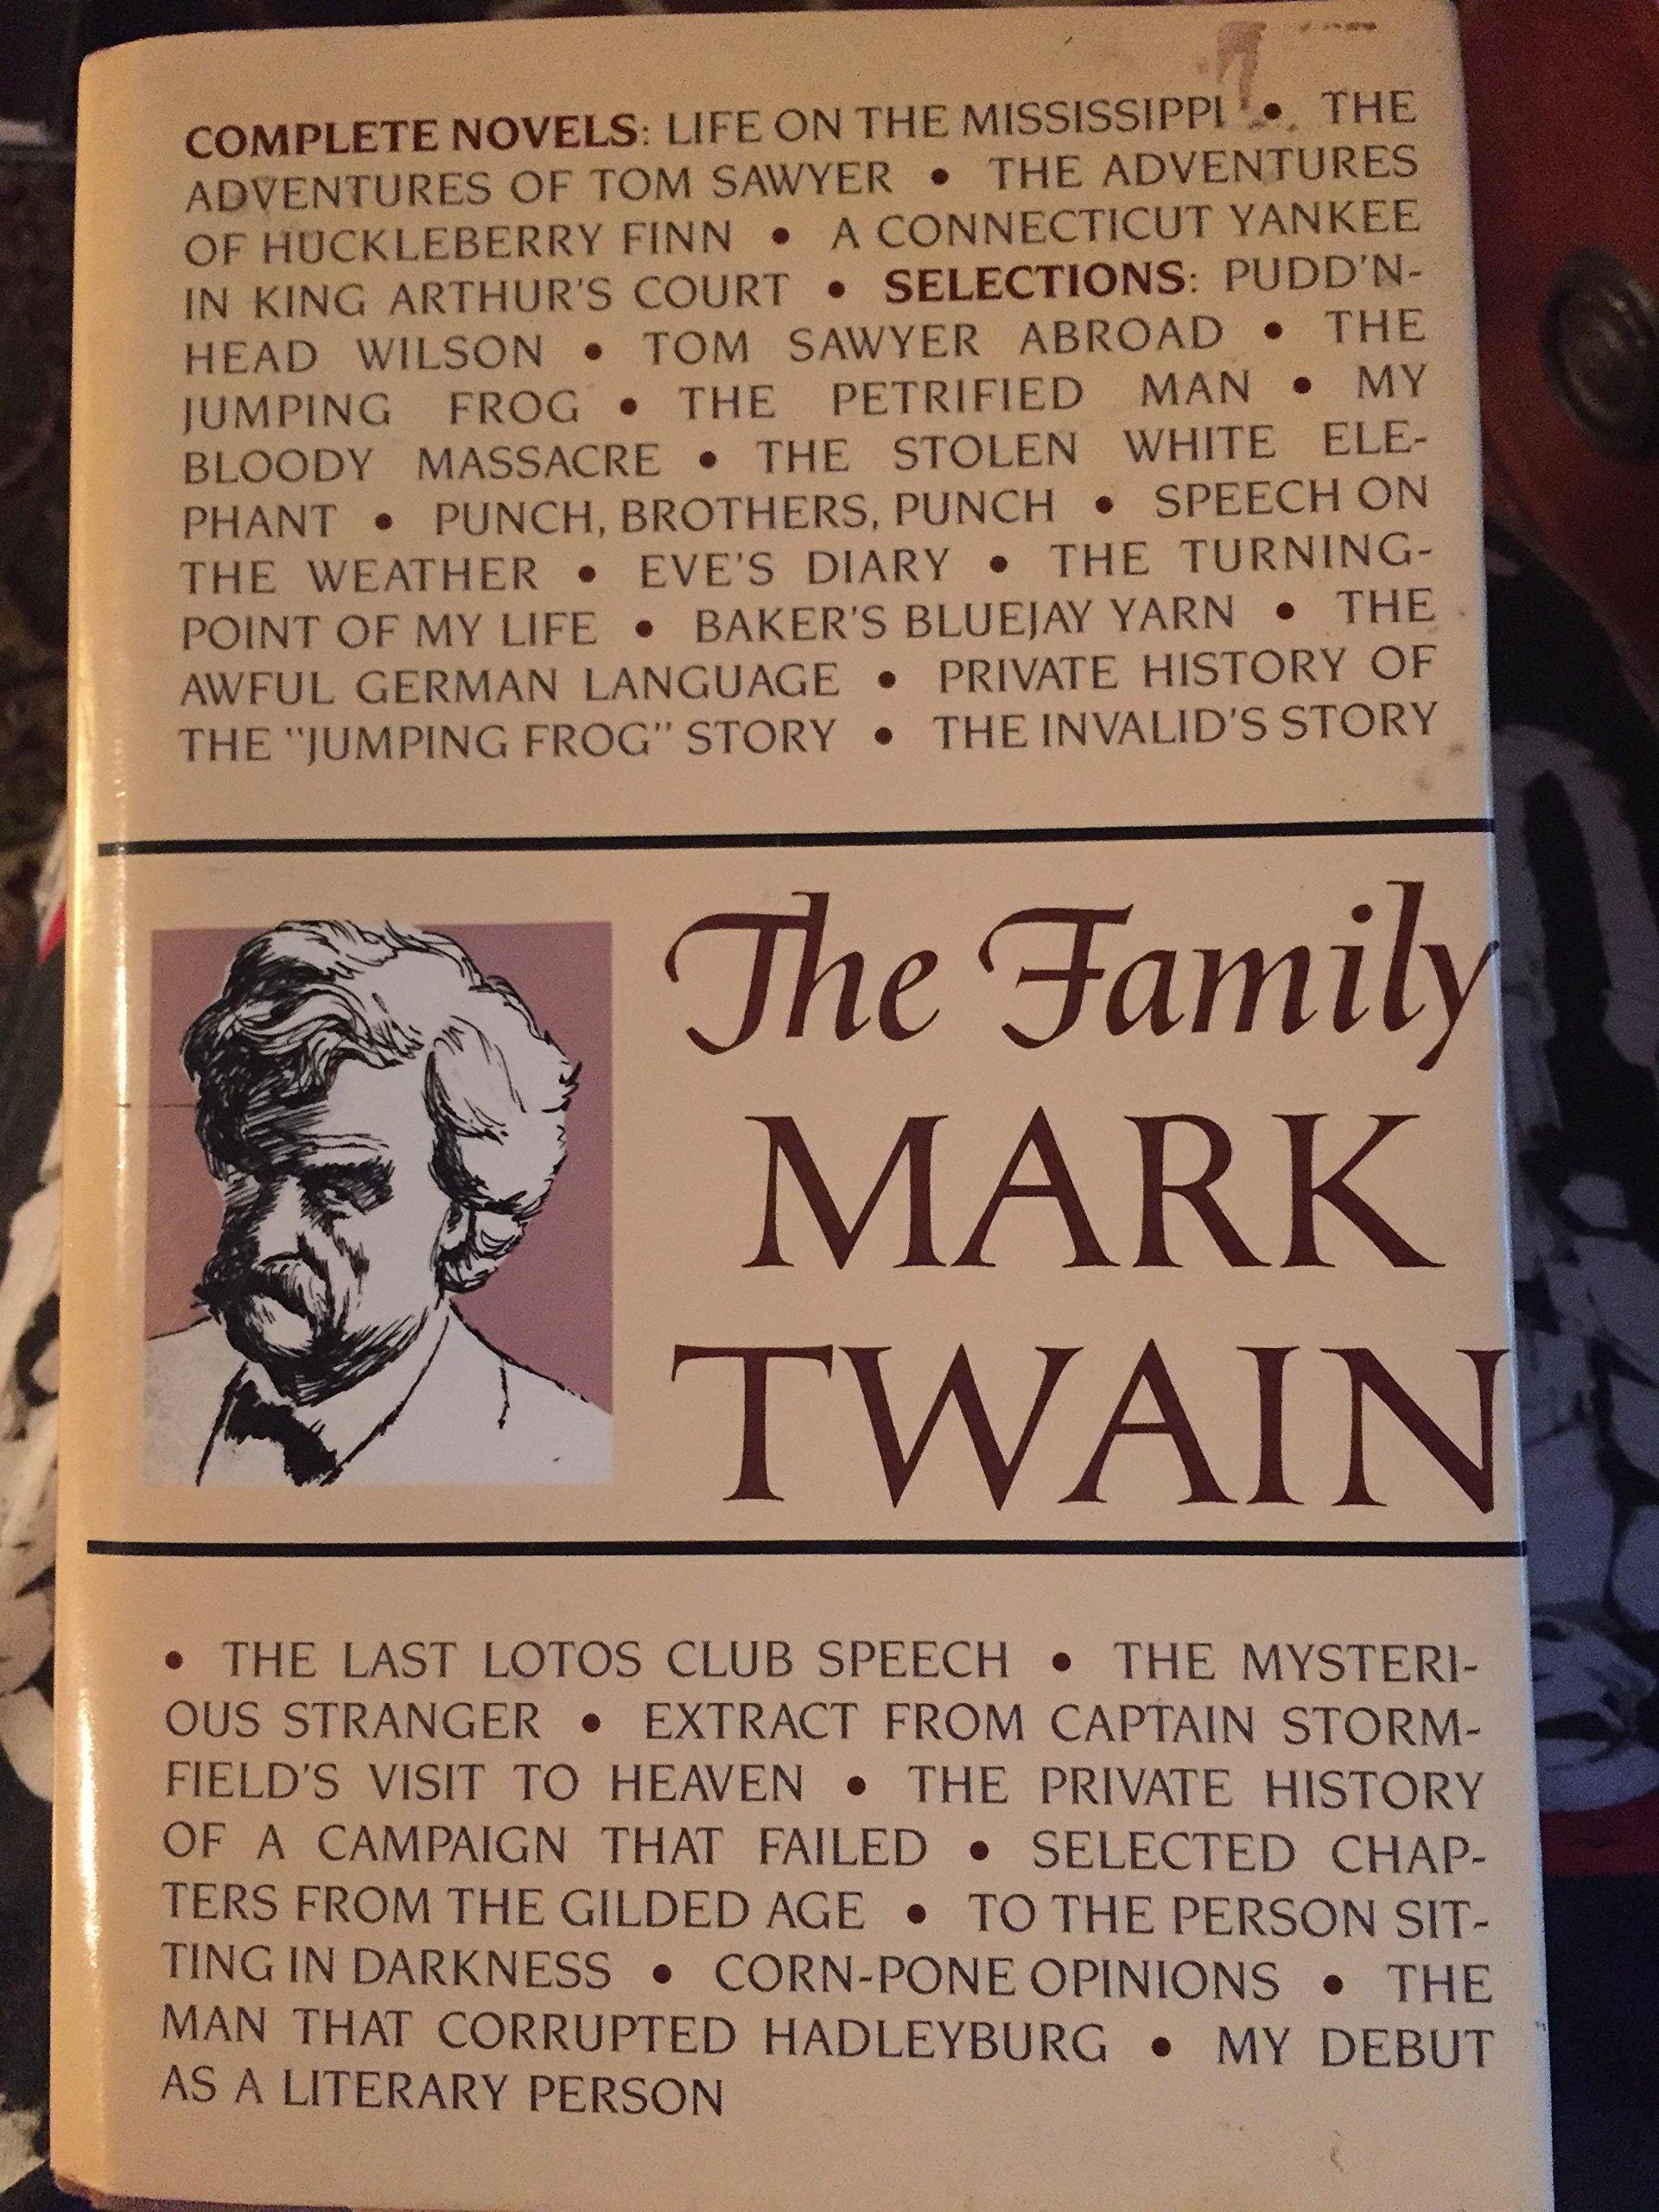 The Family Mark Twain: Mark (clemens, Samuel) Twain: Amazon